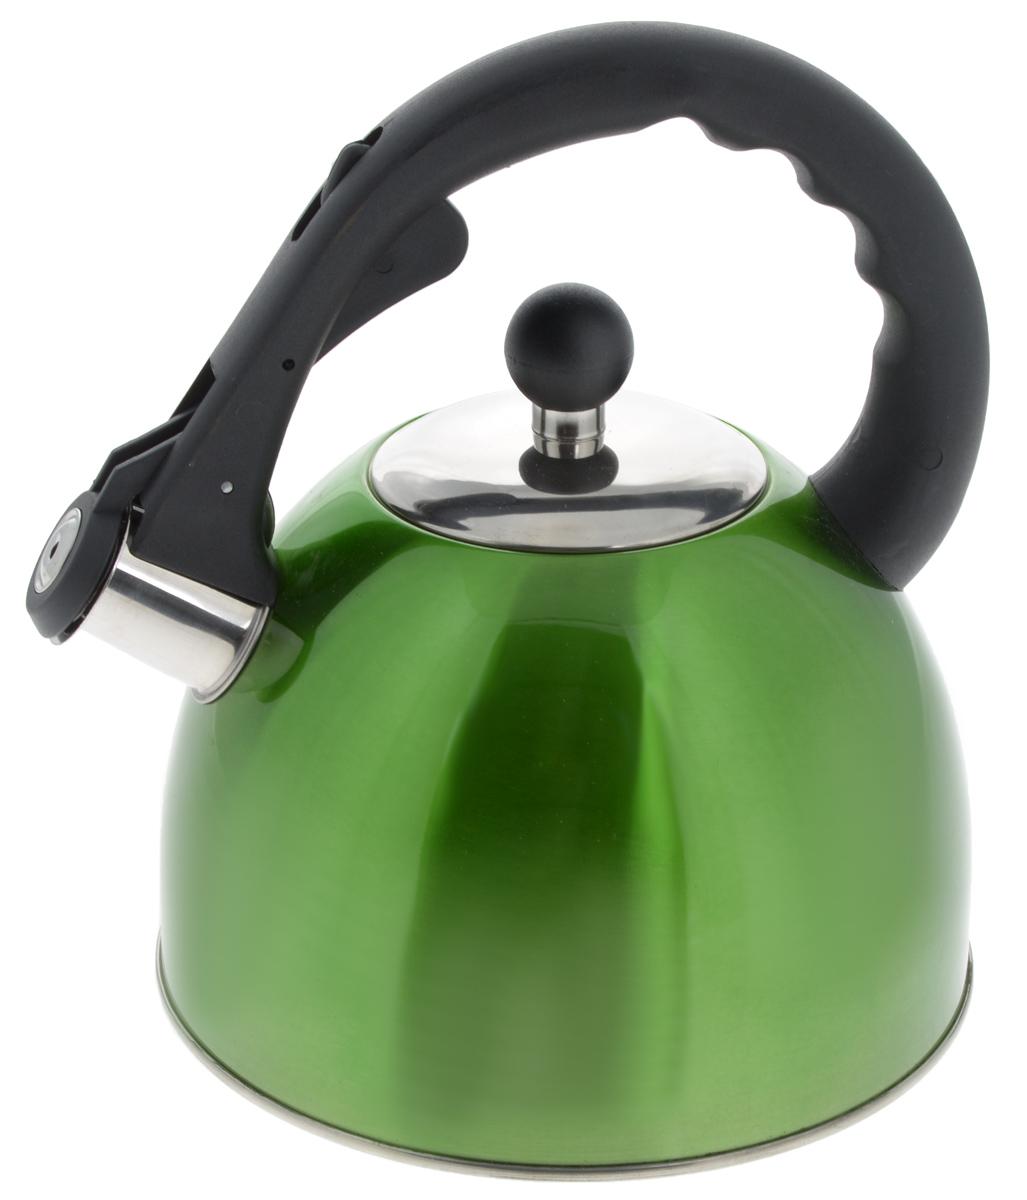 Чайник Mayer & Boch, со свистком, цвет: зеленый, 2,5 л. 2319823198_зеленыйЧайник Mayer & Boch изготовлен из высококачественной нержавеющей стали с трехслойным термоаккумулирующим дном, которое позволяет быстро распределять и долго удерживать тепло. Носик чайника оснащен откидным свистком, звуковой сигнал которого подскажет, когда закипит вода. Свисток открывается нажатием кнопки на ручке. Чайник снабжен эргономичной ручкой, выполненной из термостойкого нейлона. Чайник Mayer & Boch - качественное исполнение и стильное решение для вашей кухни. Подходит для использования на всех типах плит, кроме индукционной. Также изделие можно мыть в посудомоечной машине.Высота чайника (без учета ручки и крышки): 13,5 см.Диаметр основания чайника: 19 см.Диаметр чайника (по верхнему краю): 9 см.